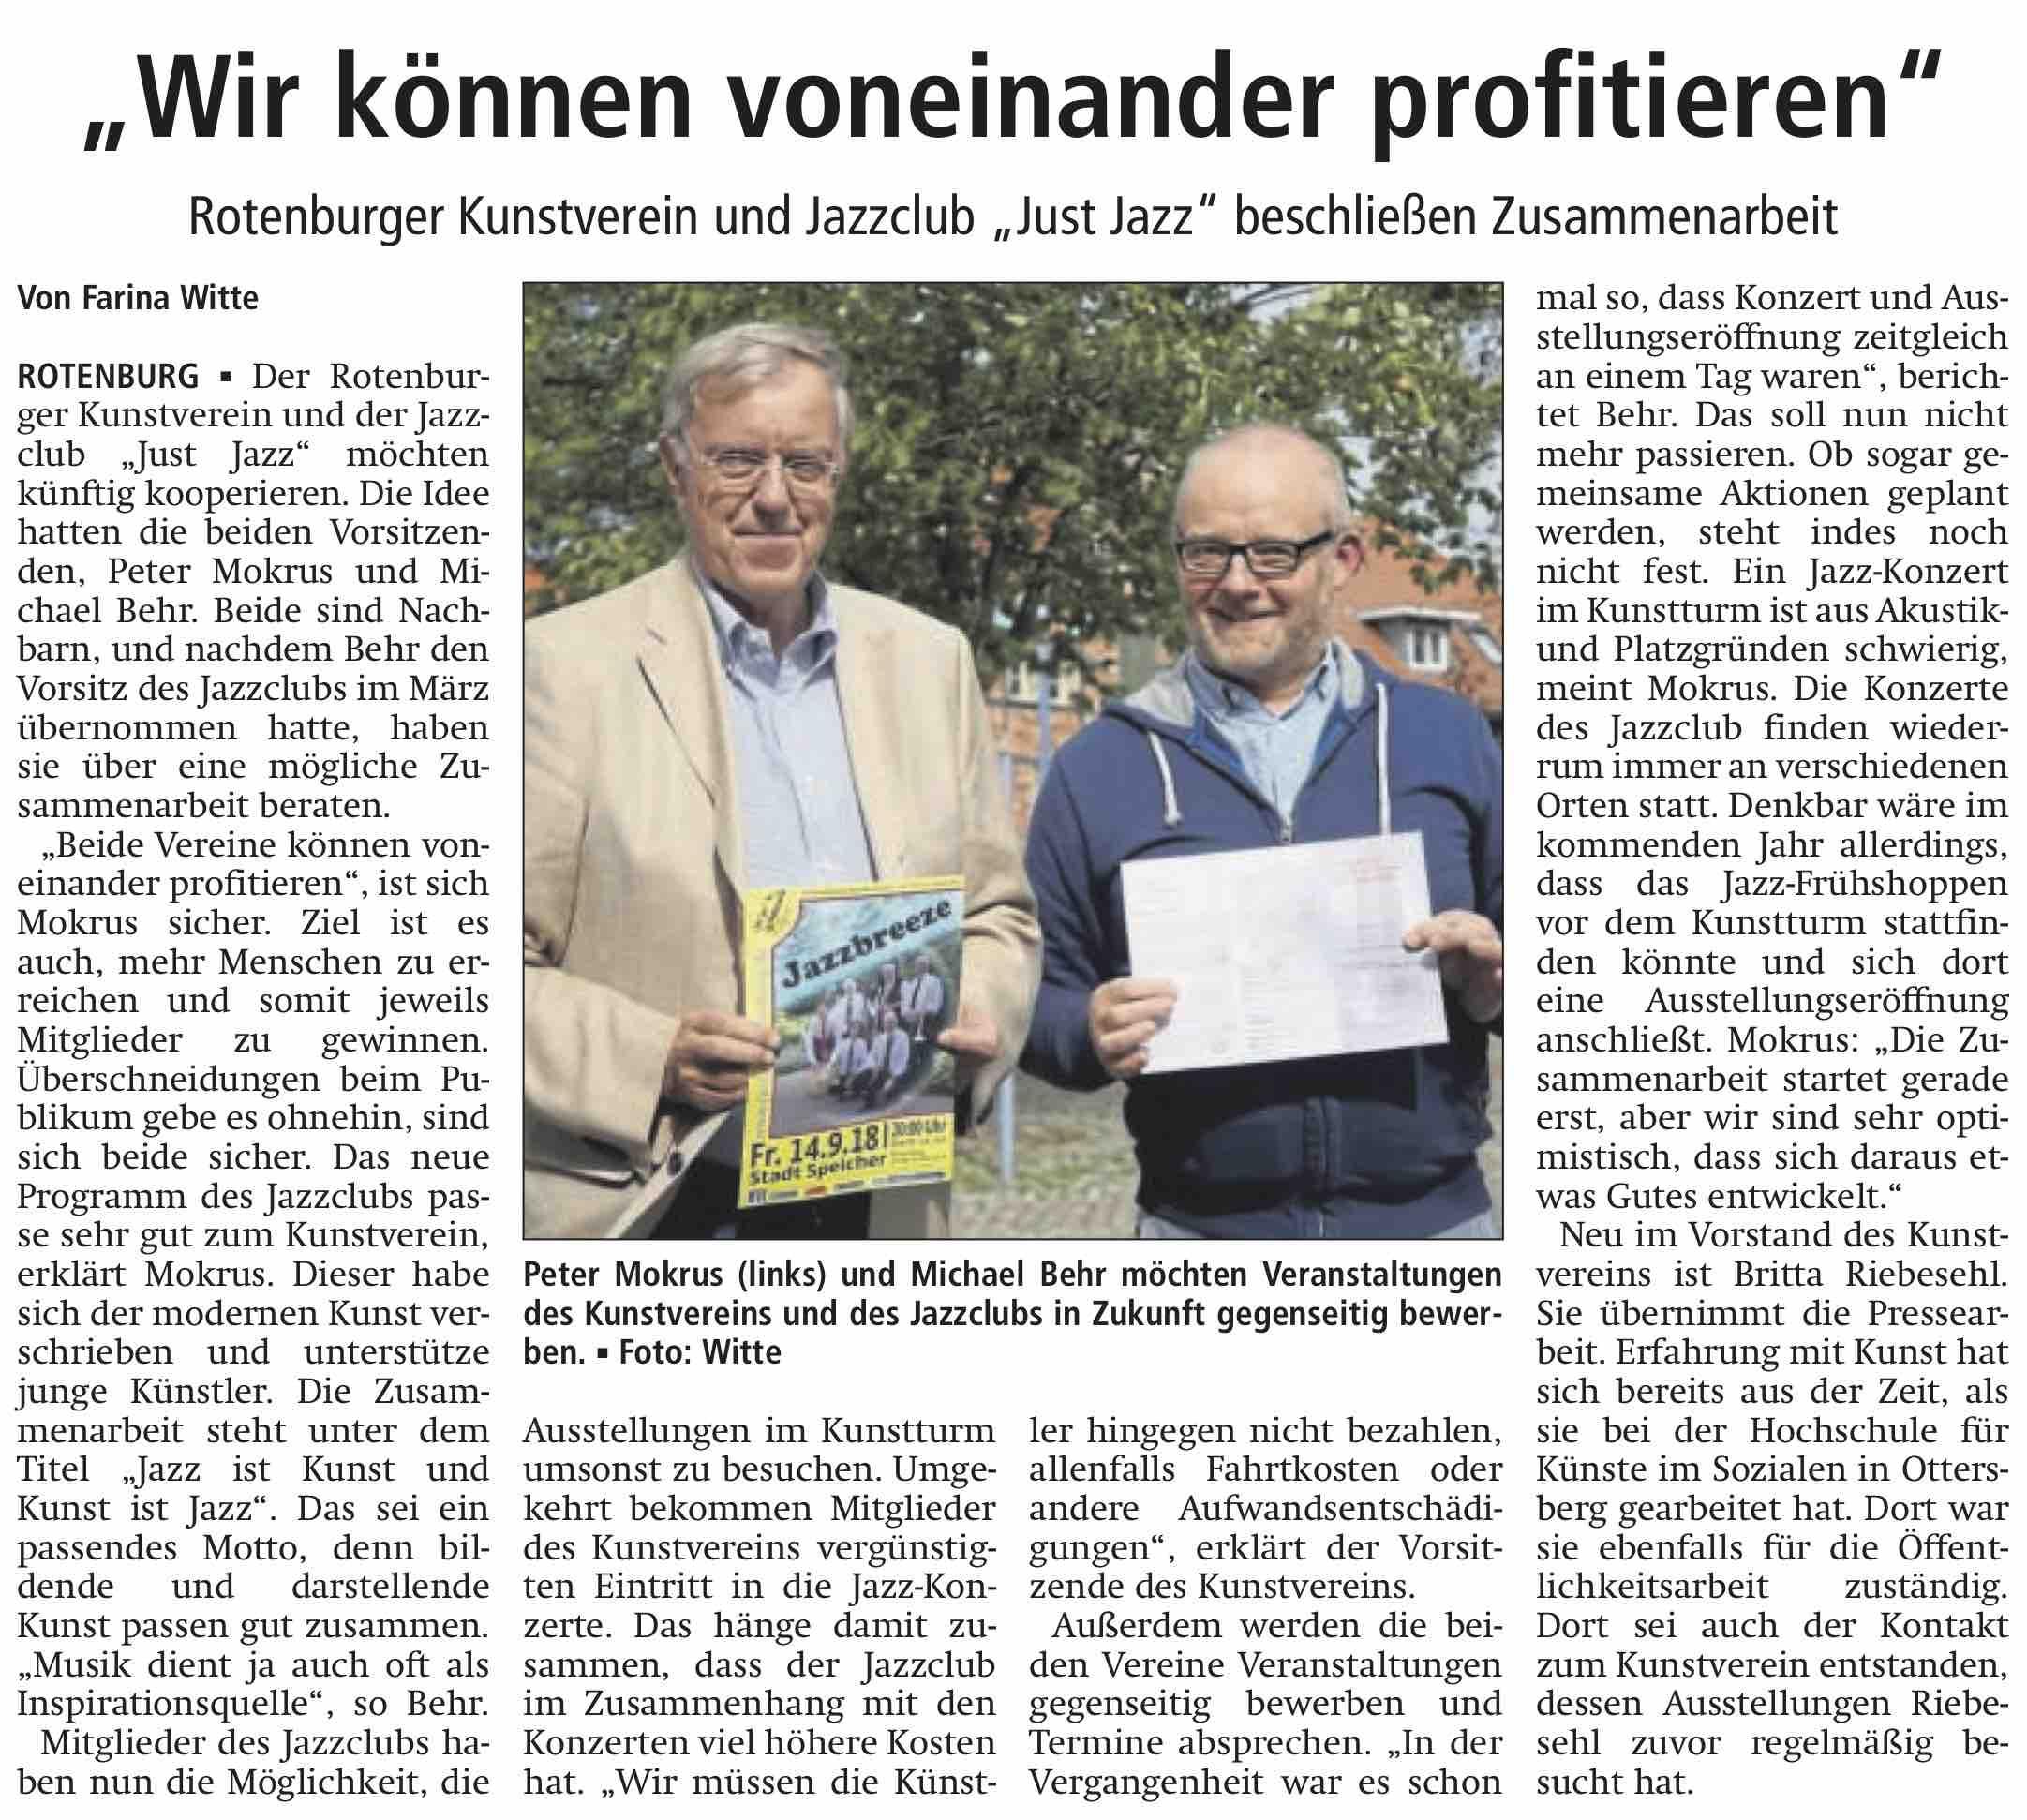 Zeitungsbericht über Kooperation Vom Jazzclub Mit Dem Kunstverein.